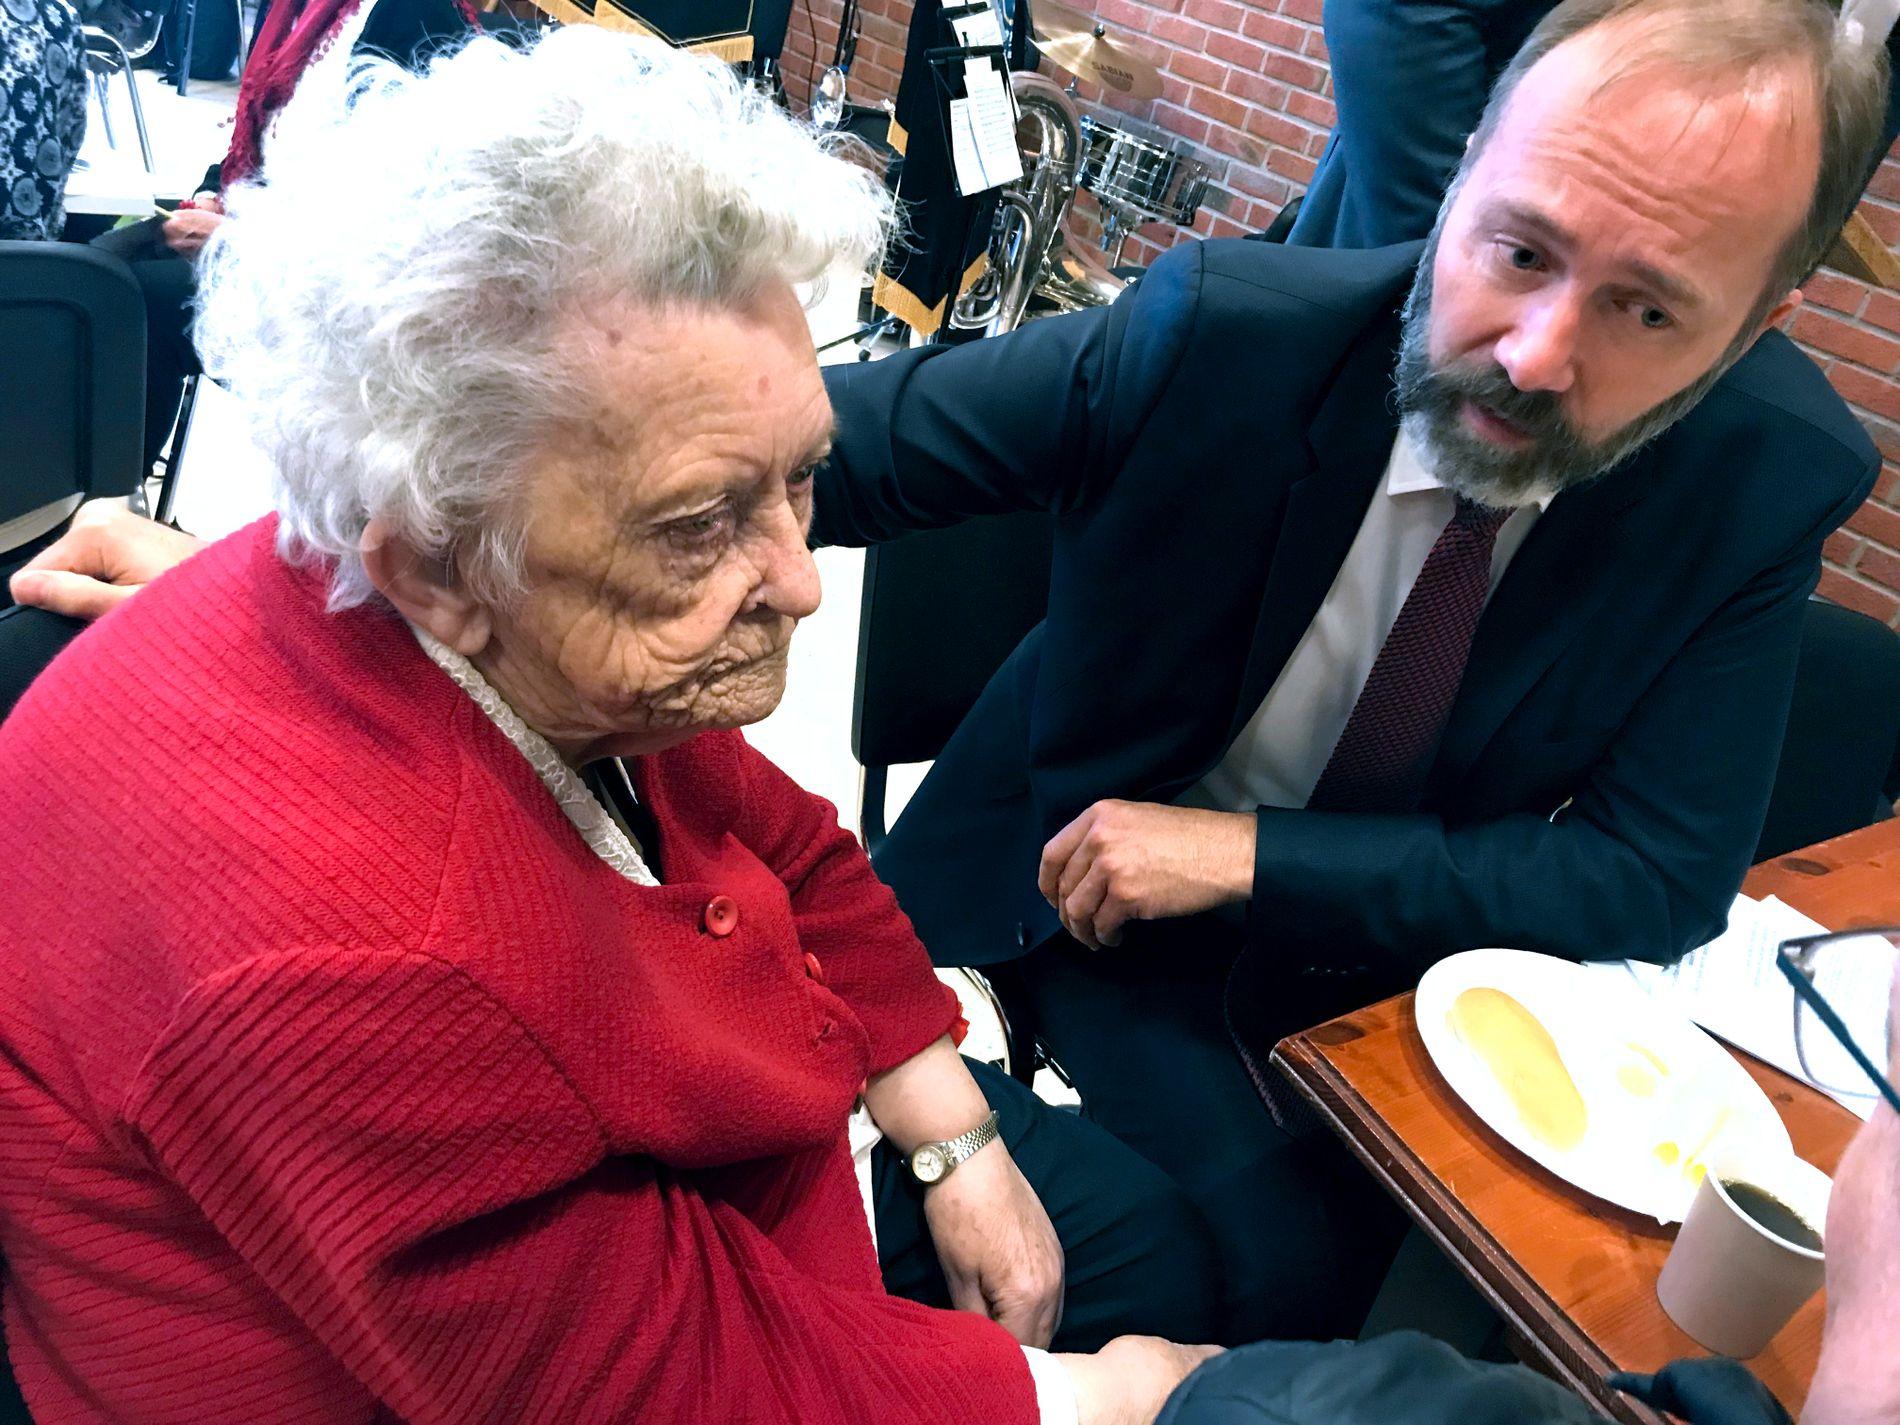 KLAR TALE: Giskes tante Jorunn (90) er kjent som «tante Torunn» for hele arbeiderbevegelsen i Trondheim og er kjent for klar tale om norsk politikk.